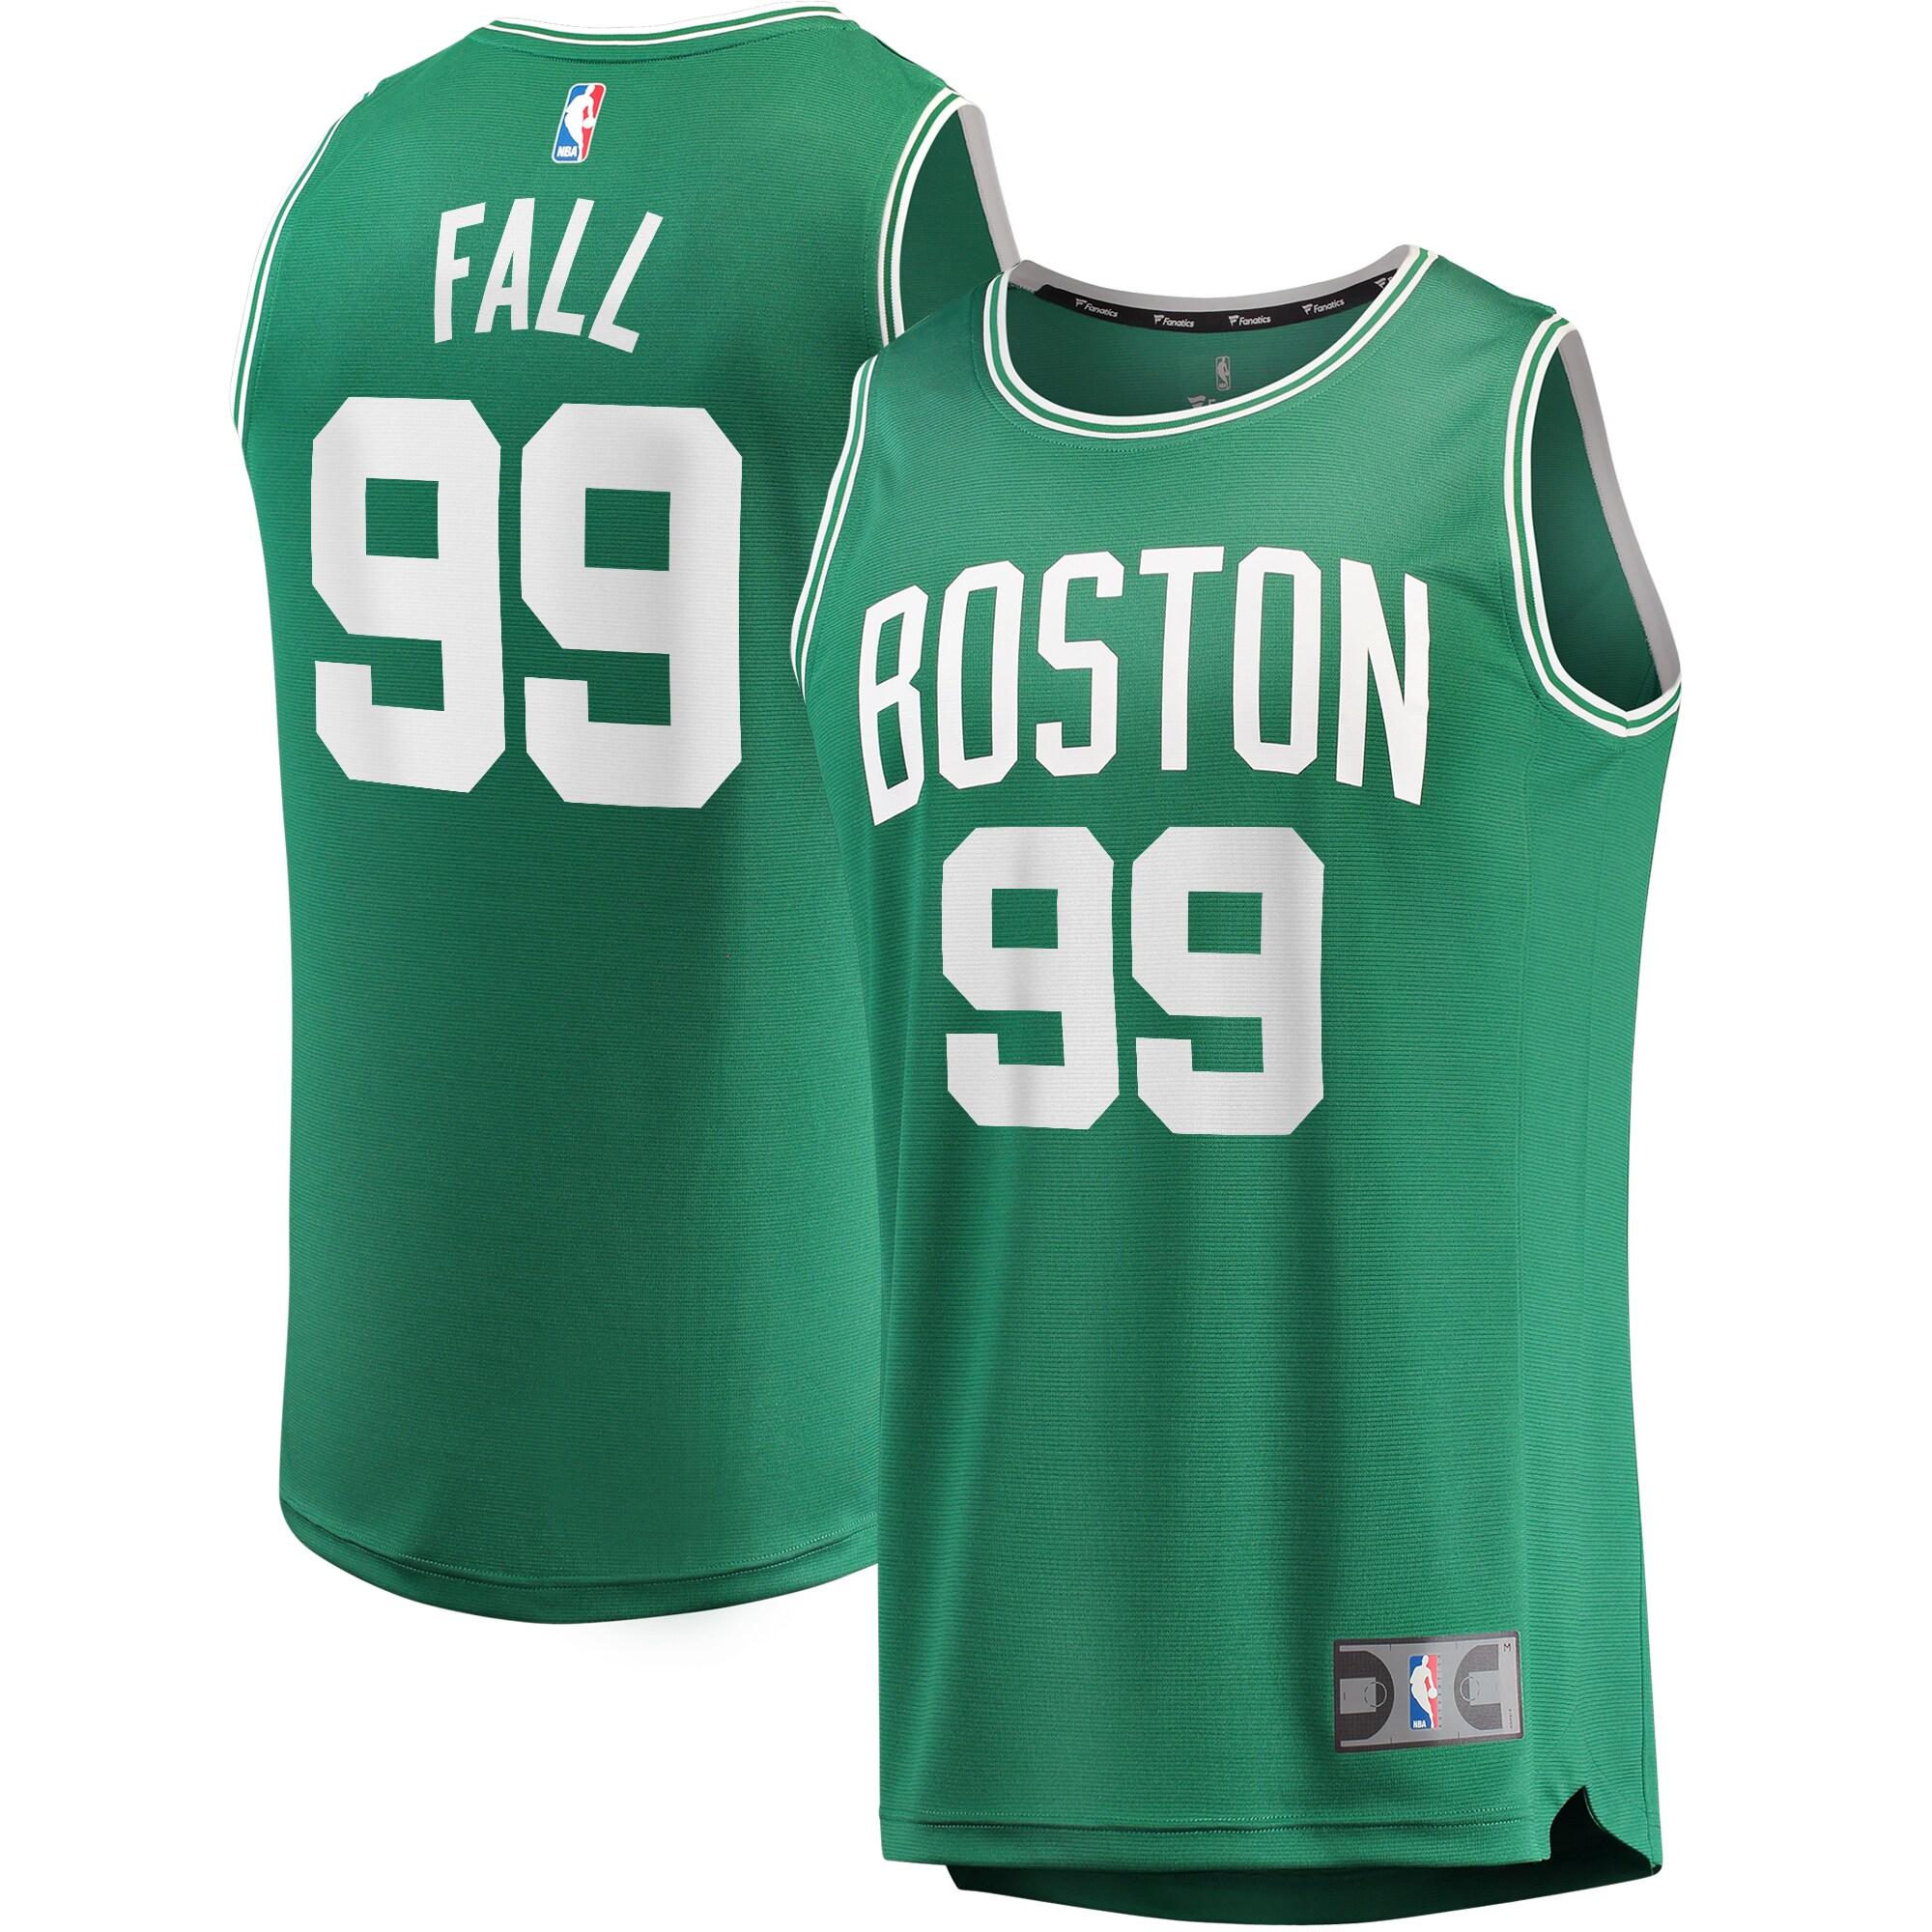 Tacko Fall Boston Celtics Fanatics Branded 2019/20 Fast Break Replica Jersey Green - Icon Edition